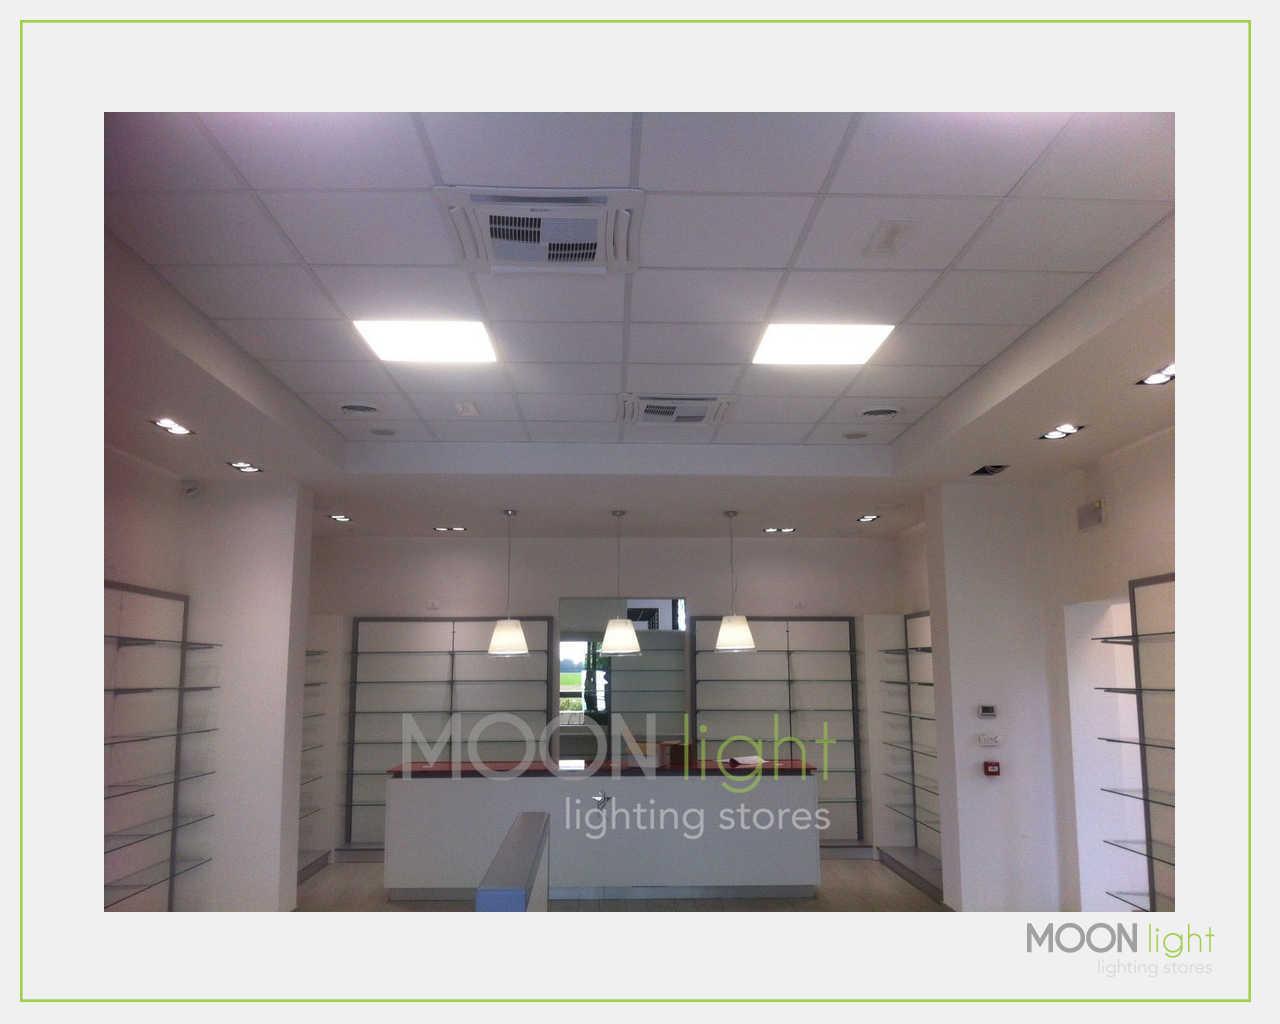 Illuminazione per farmacie illuminazione led negozi